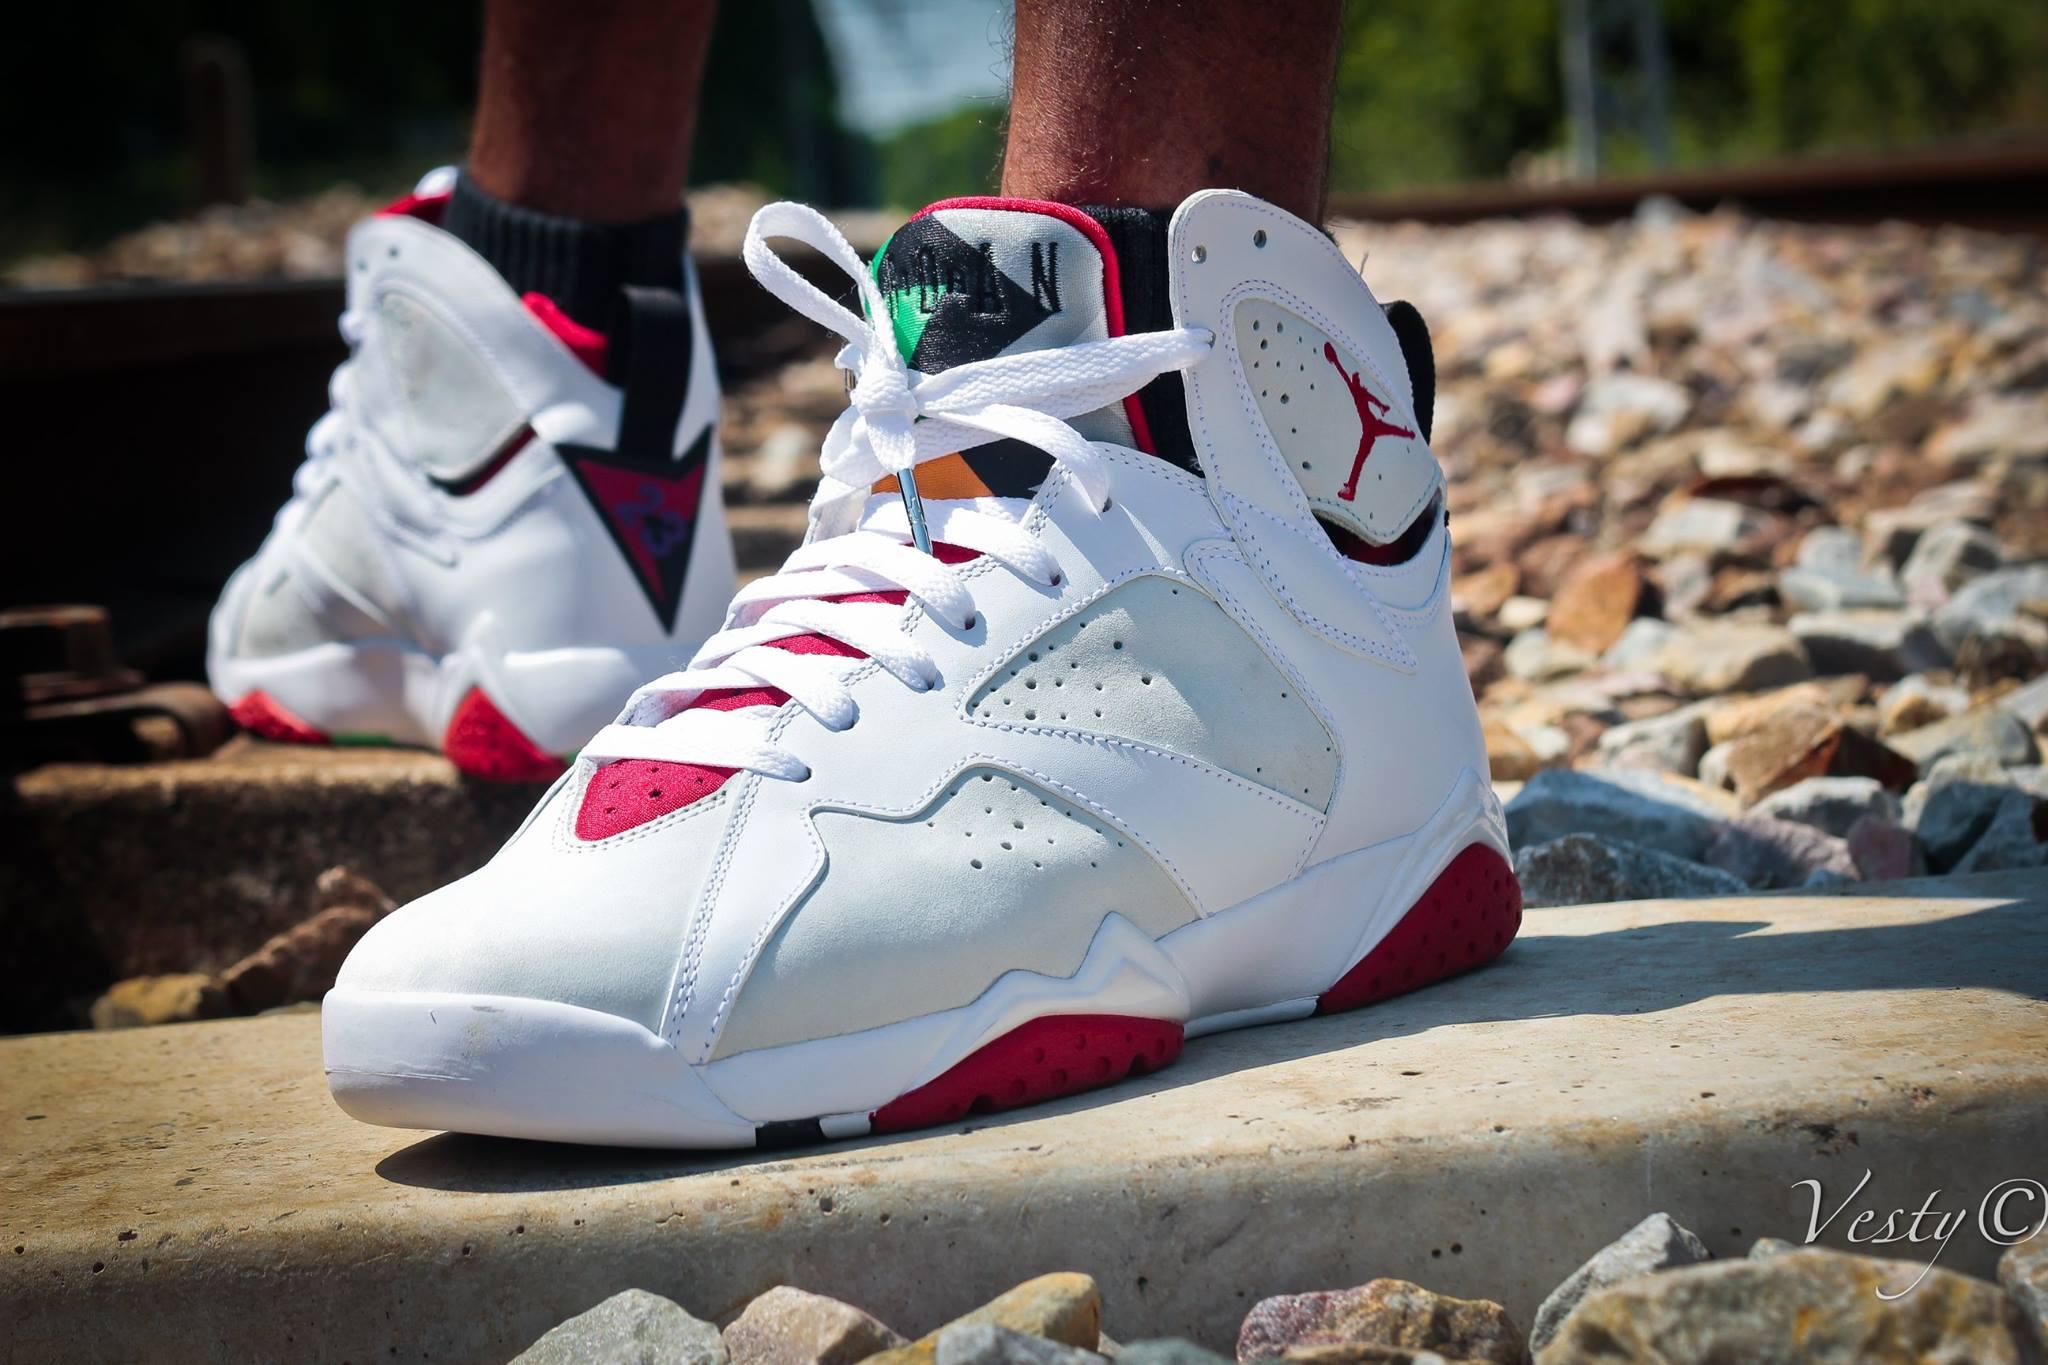 new styles 527d0 b9285 cheap hare 7s jordans,jordan 12 white and gold,running shoes for men